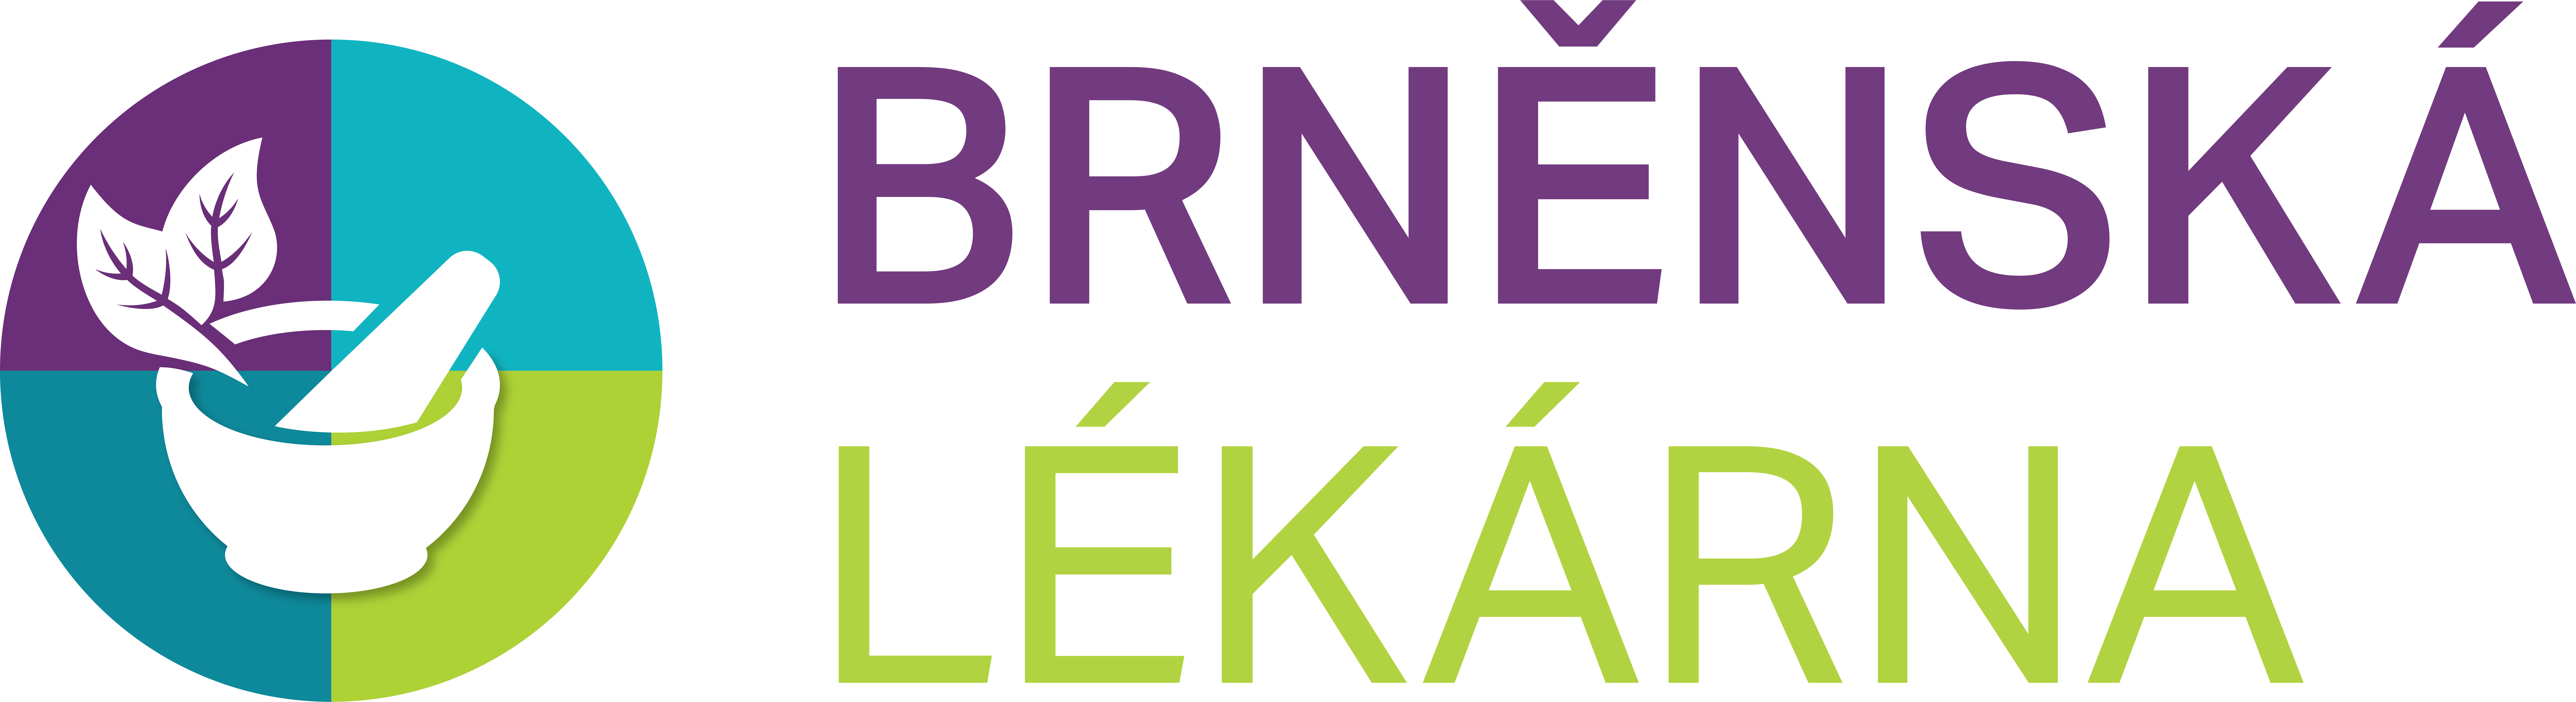 Brněnská lékárna - Váš partner pro zdraví 9830e0922d